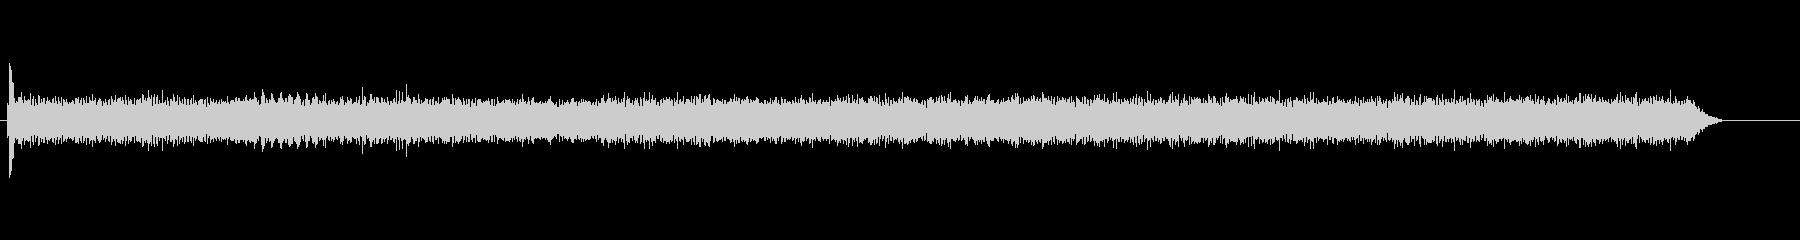 旋盤-金属製-楽器の未再生の波形